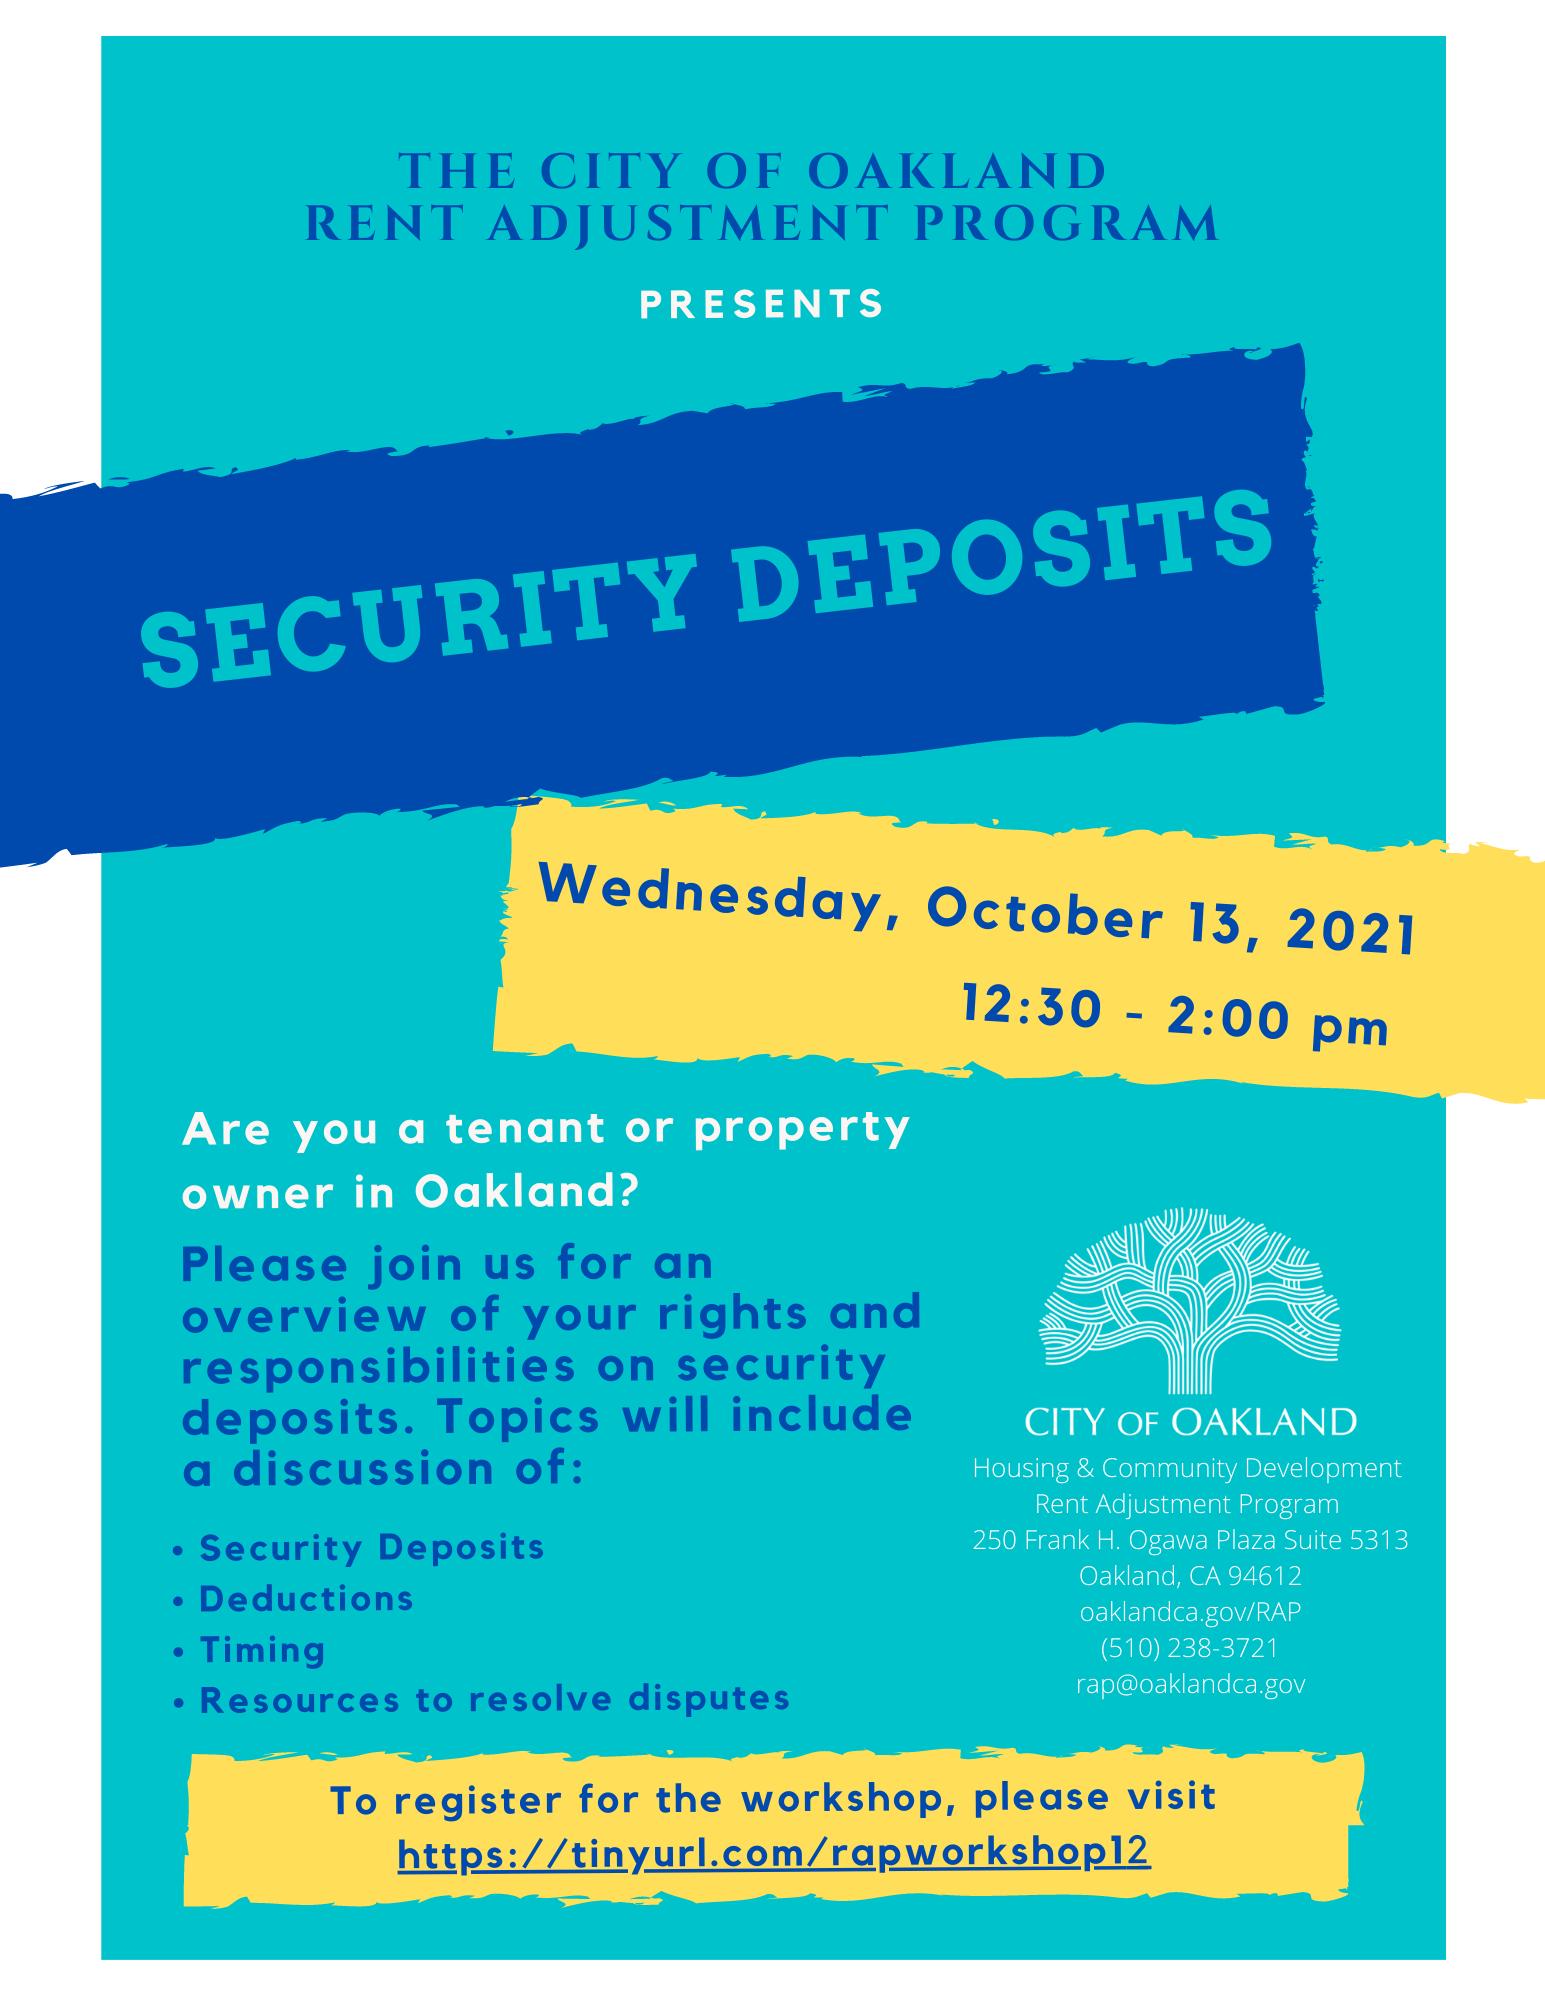 Security Deposits Workshop Image